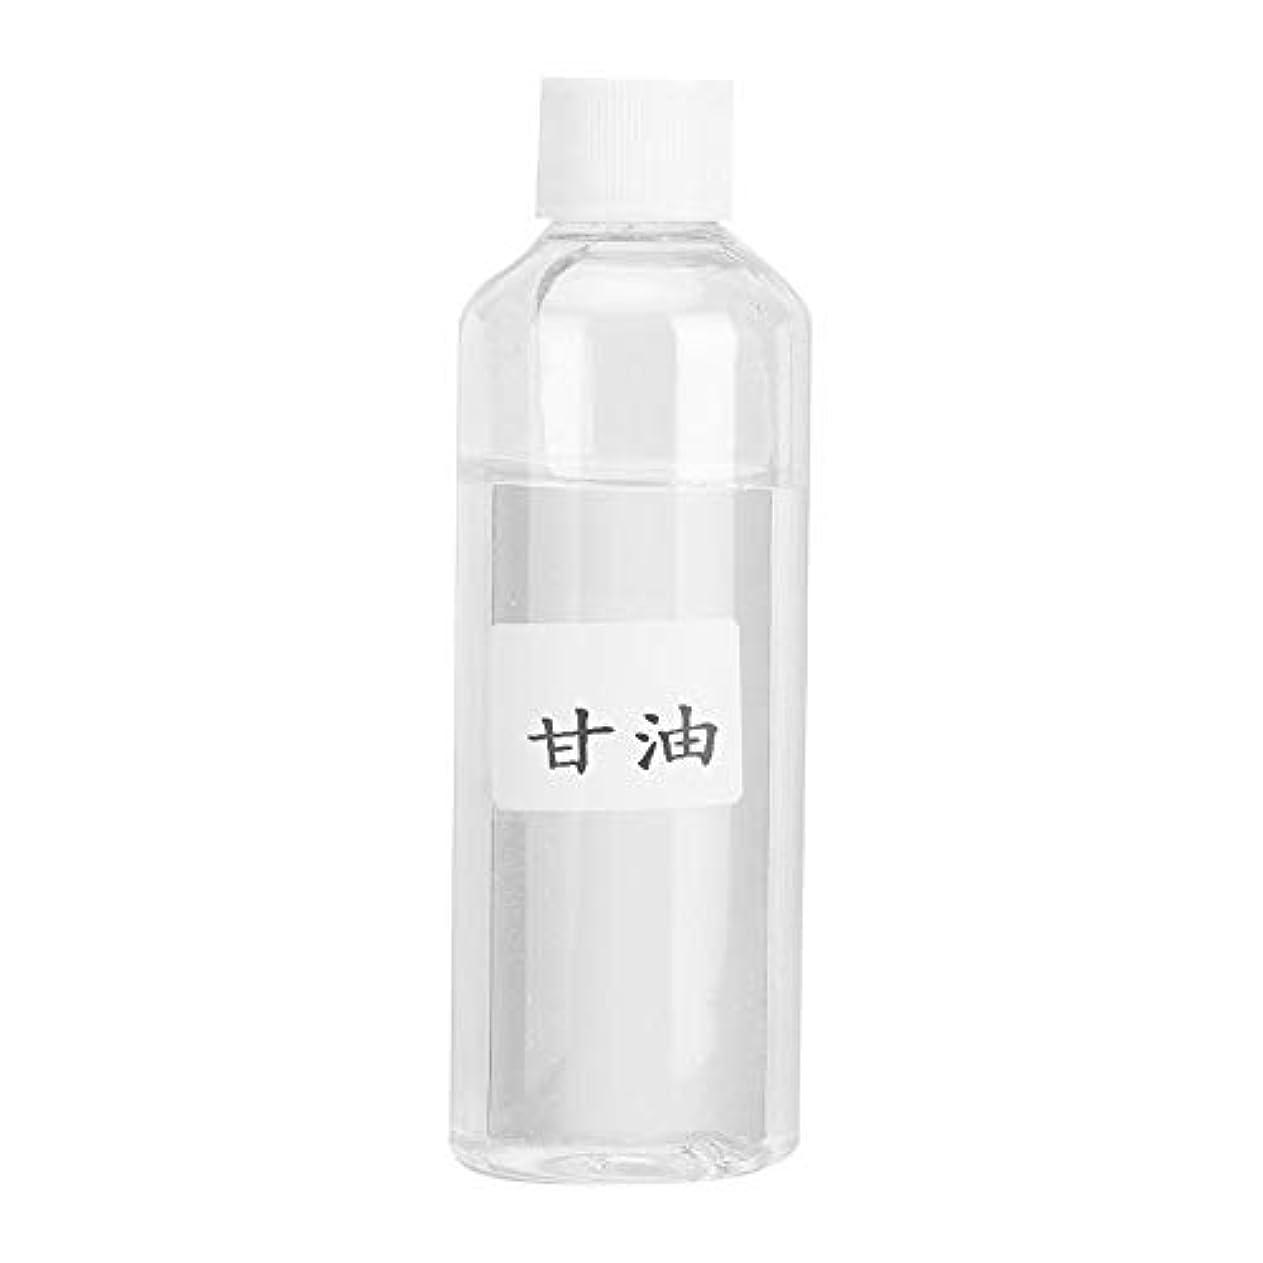 毒液影響を受けやすいです優れた化粧品原料 化粧品DIY原料 グリセロール植物水分原料を作る